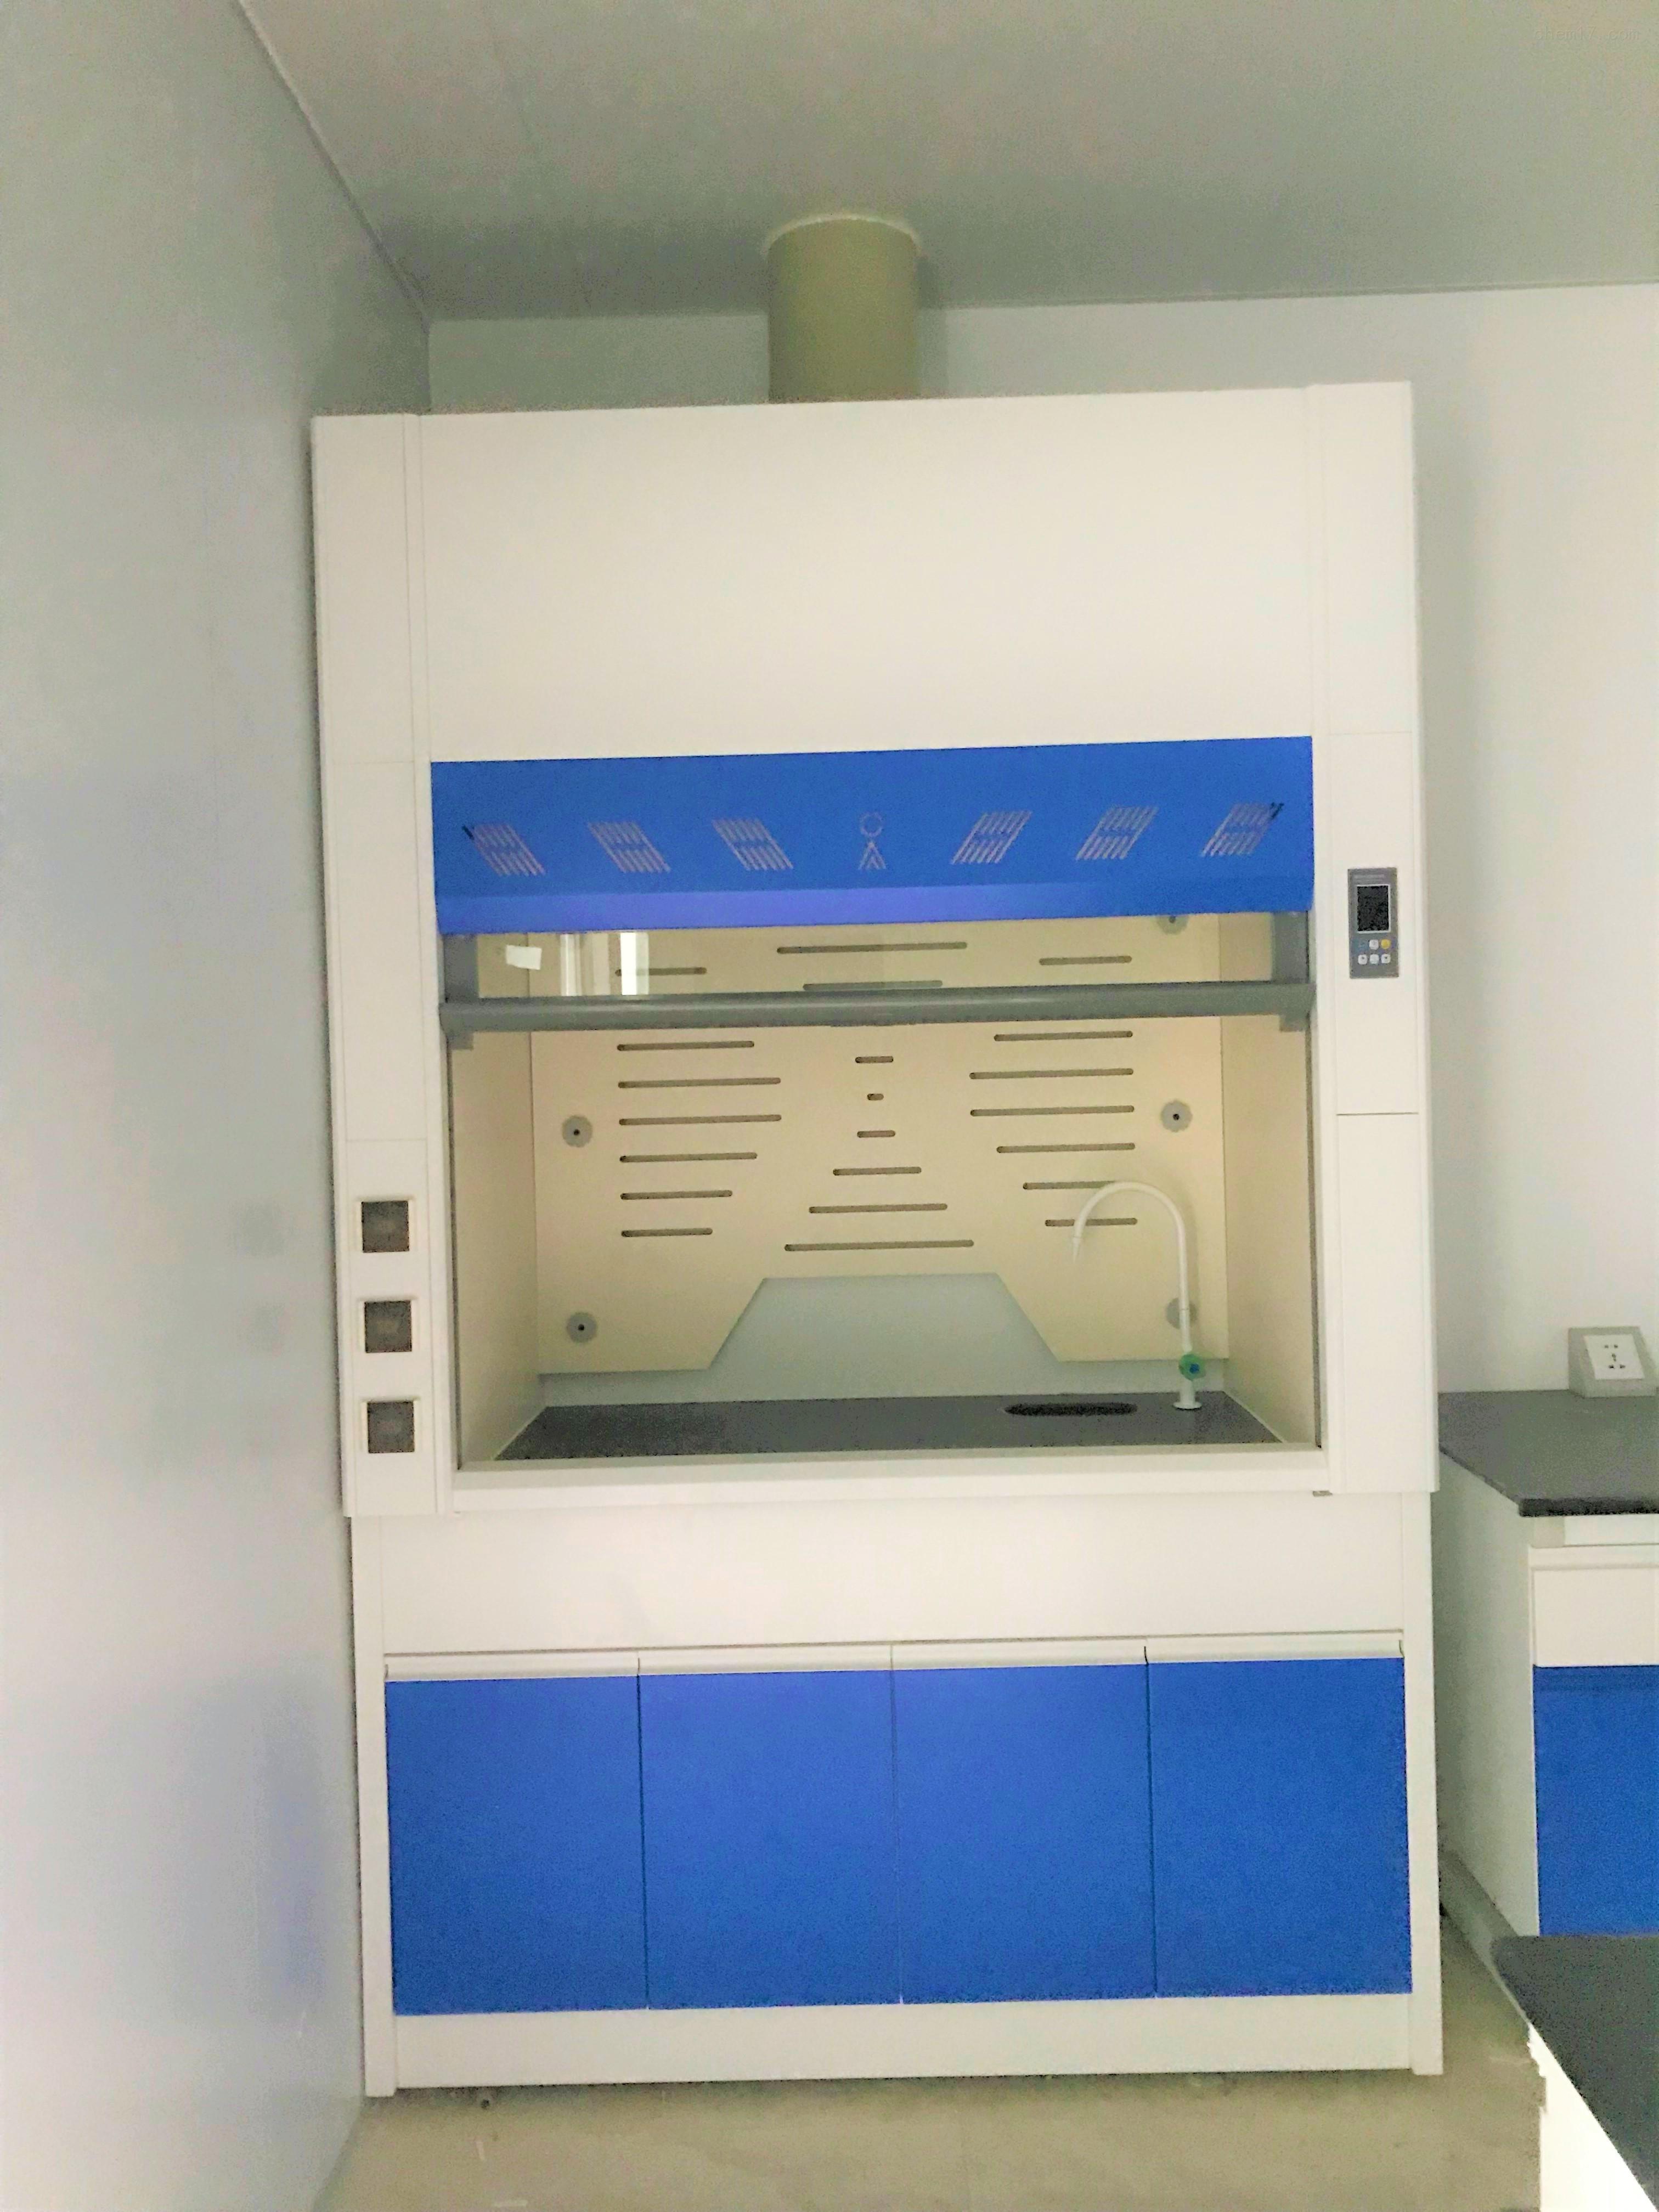 江苏核电系统实验室通风橱全钢实验室通风柜